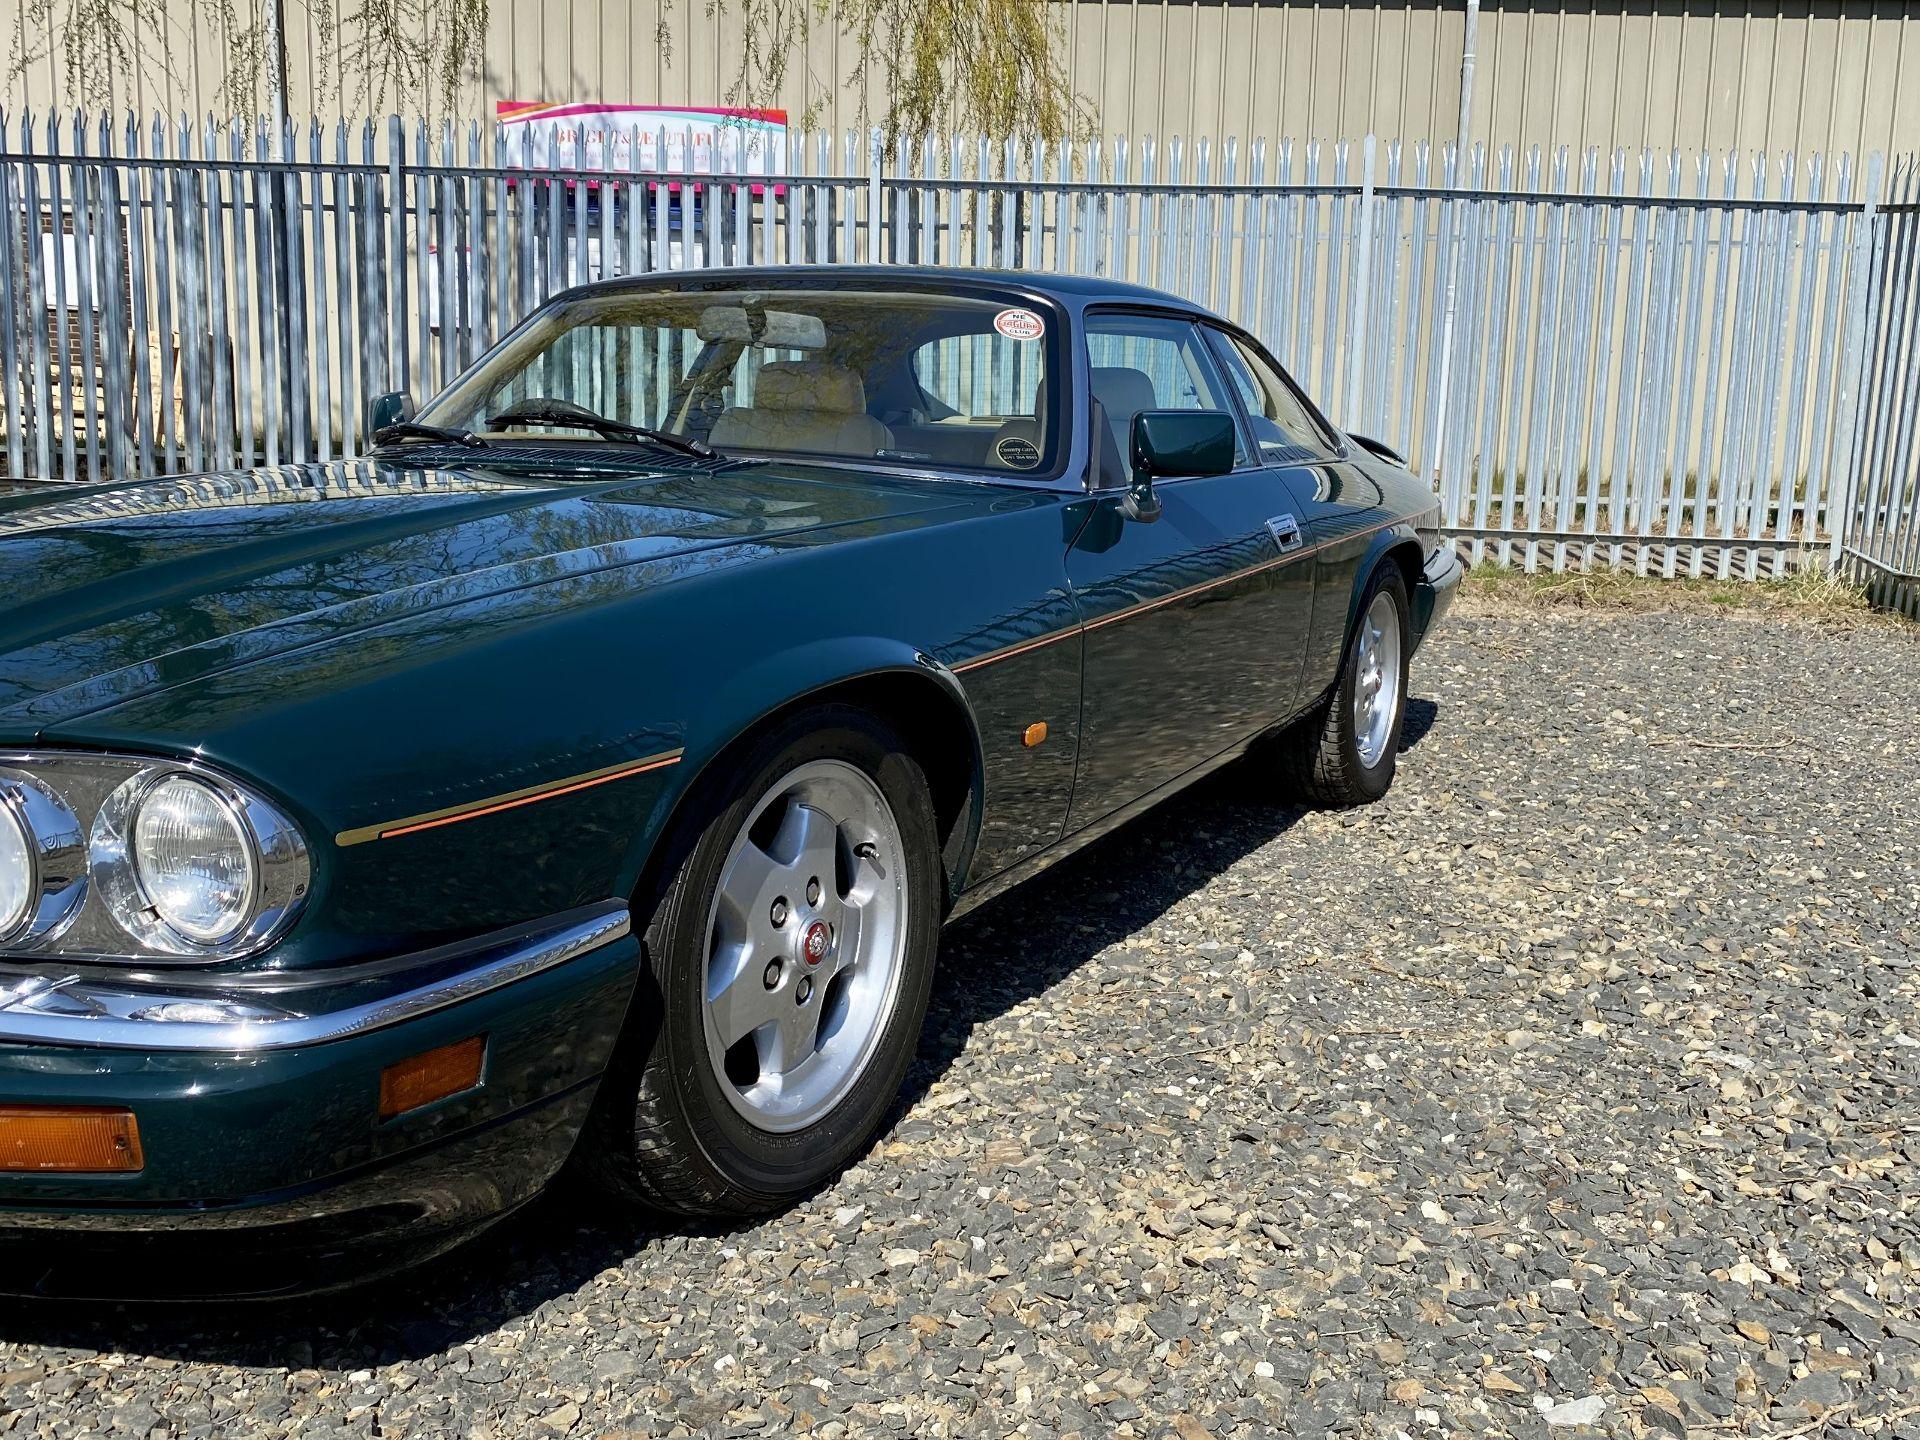 Jaguar XJS coupe - Image 19 of 64